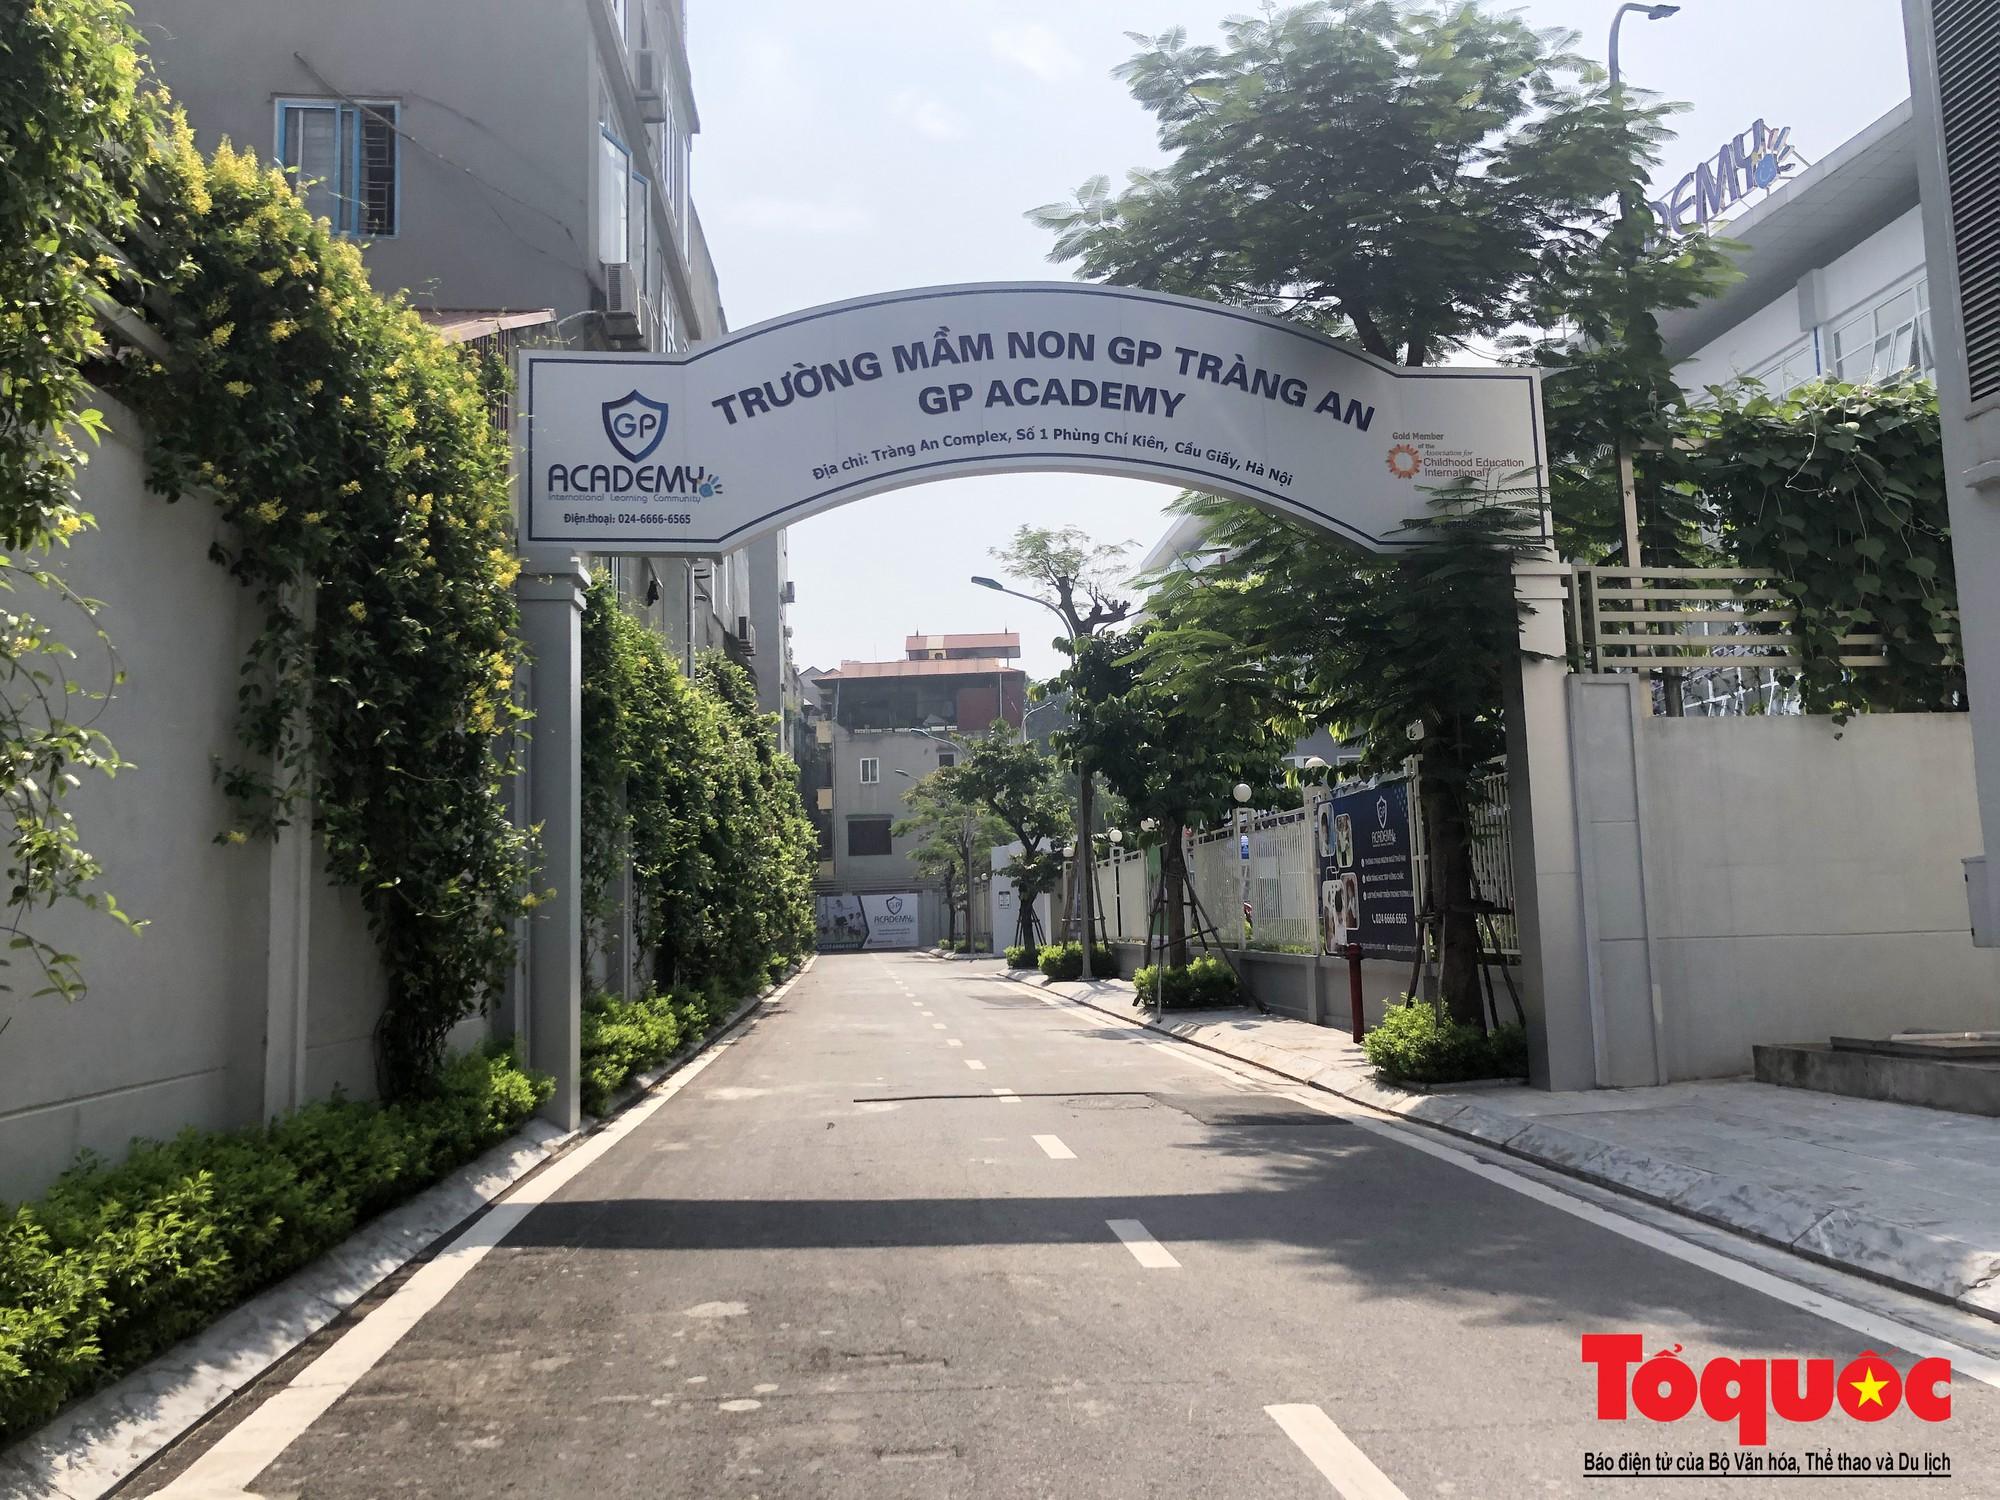 Loạn danh xưng trường quốc tế trên địa bàn quận Cầu Giấy (25)